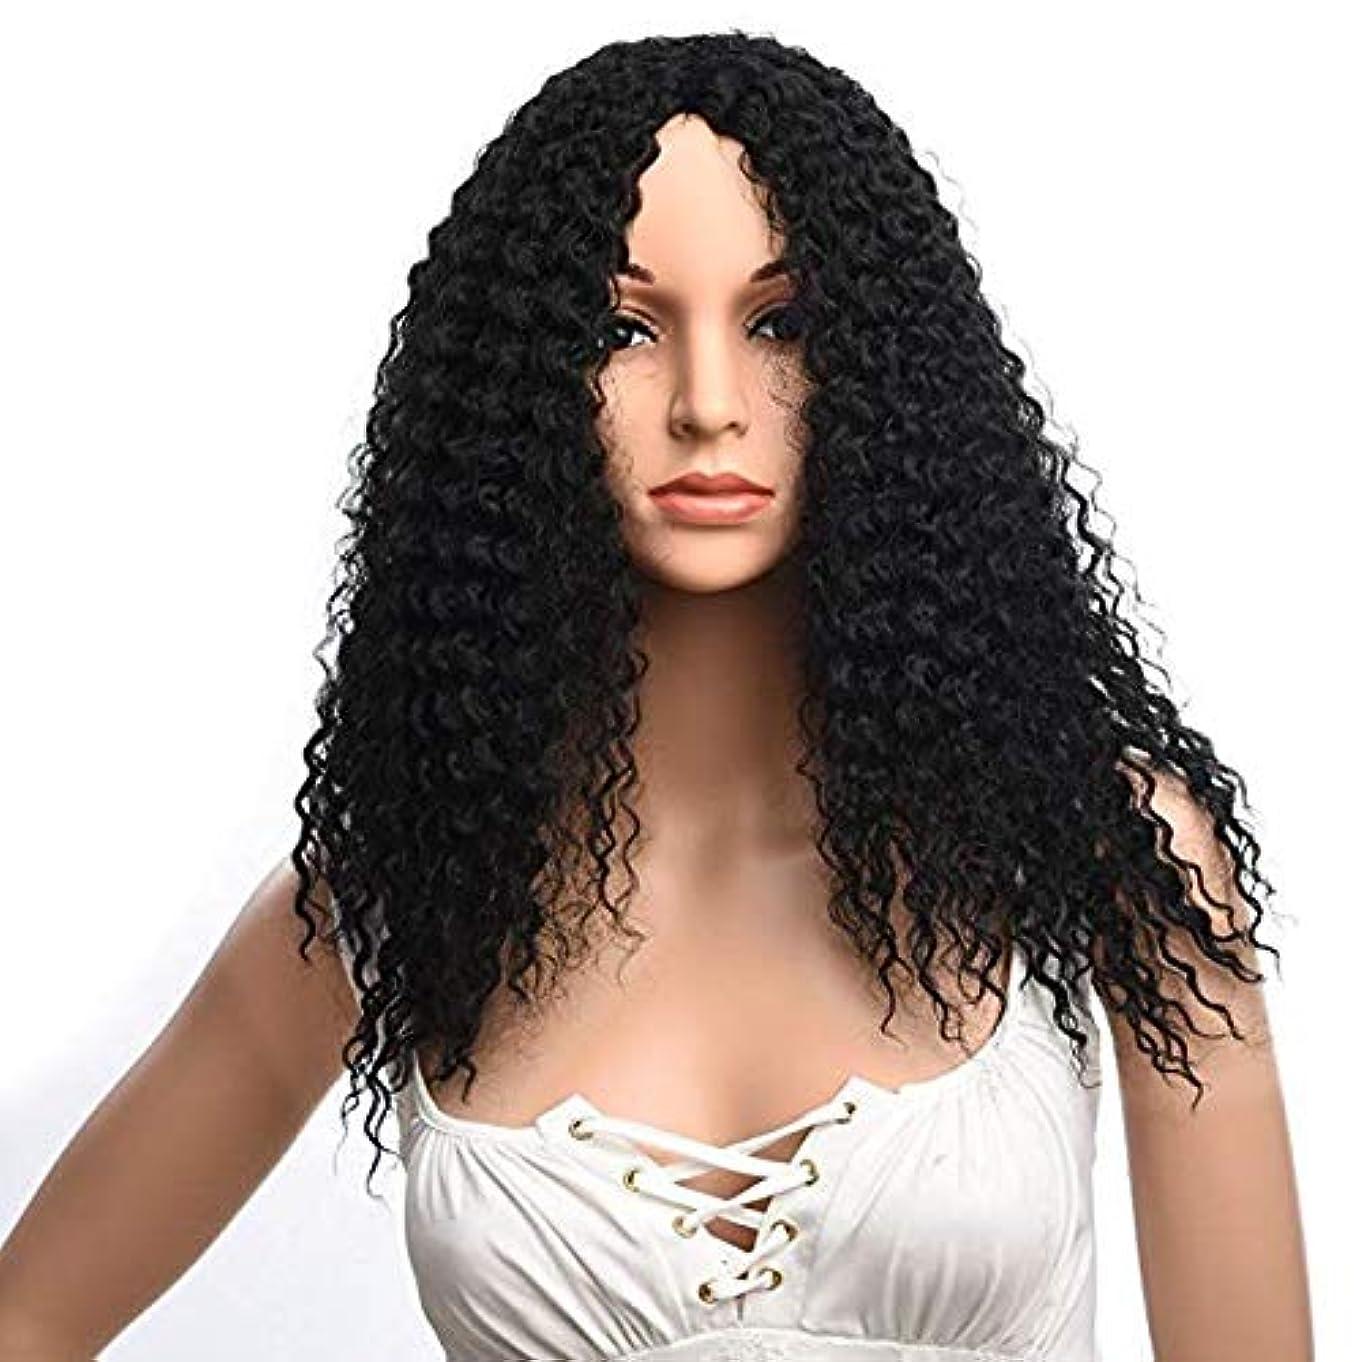 進化肉出力女性の肩短い髪ふわふわ高温シルクファッションかつら